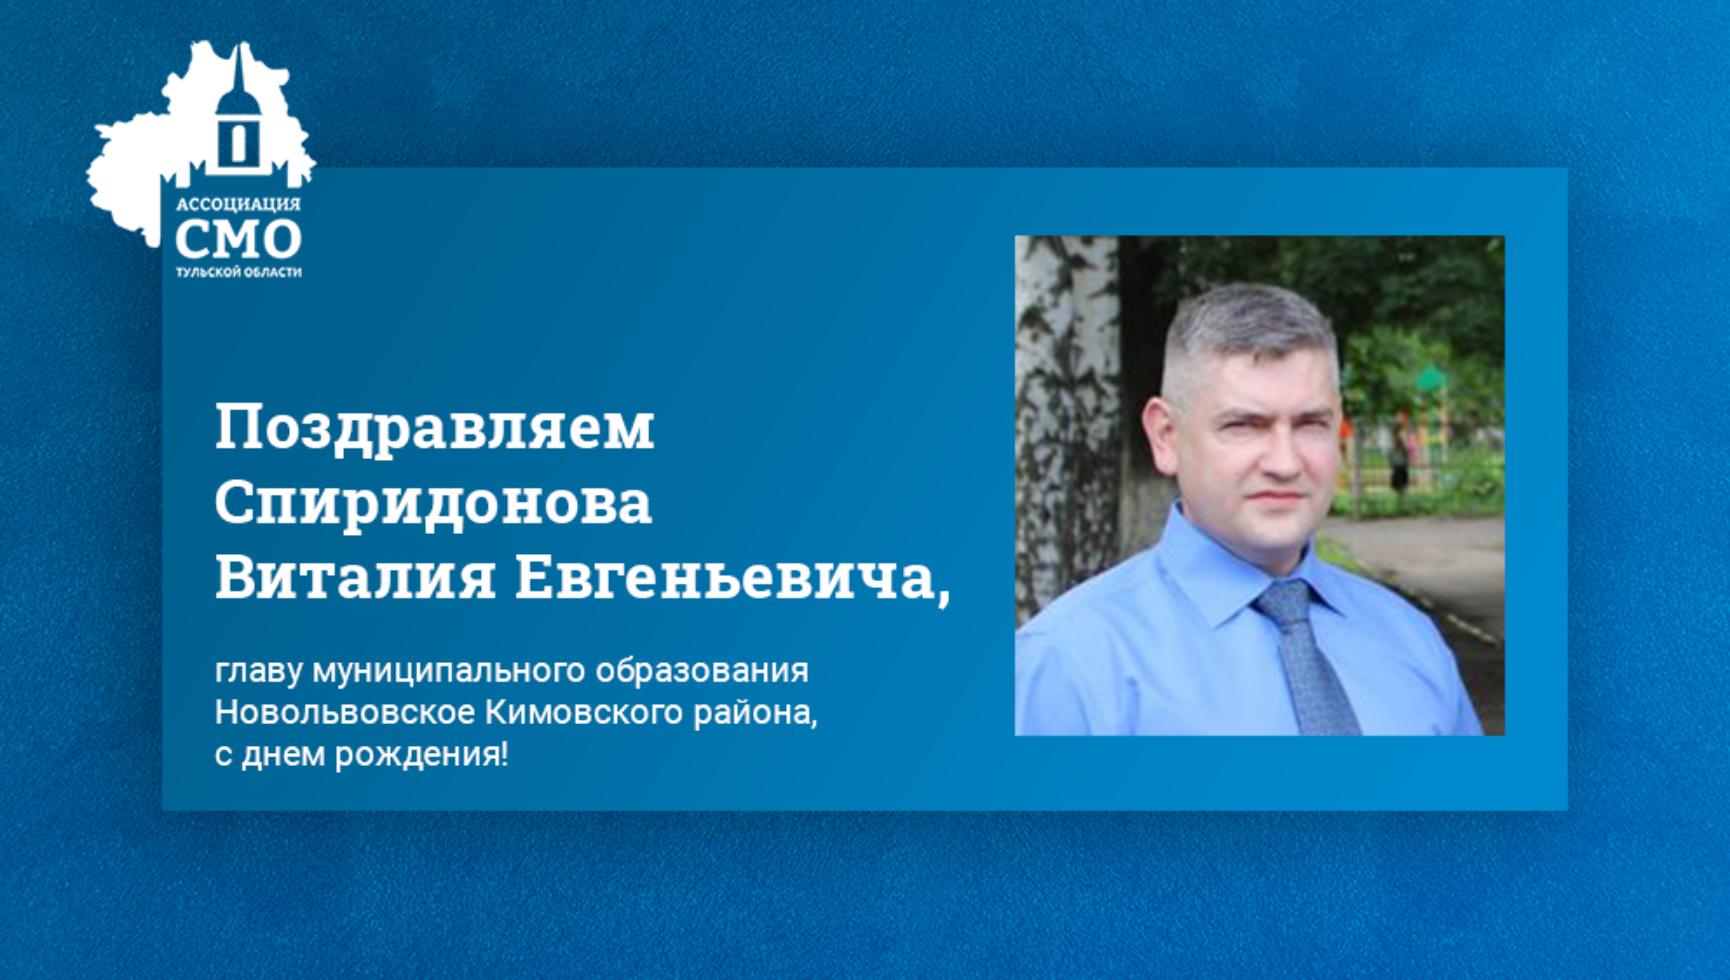 Поздравляем Спиридонова Виталия Евгеньевича, главу муниципального образования Новольвовское Кимовского района, с днем рождения!